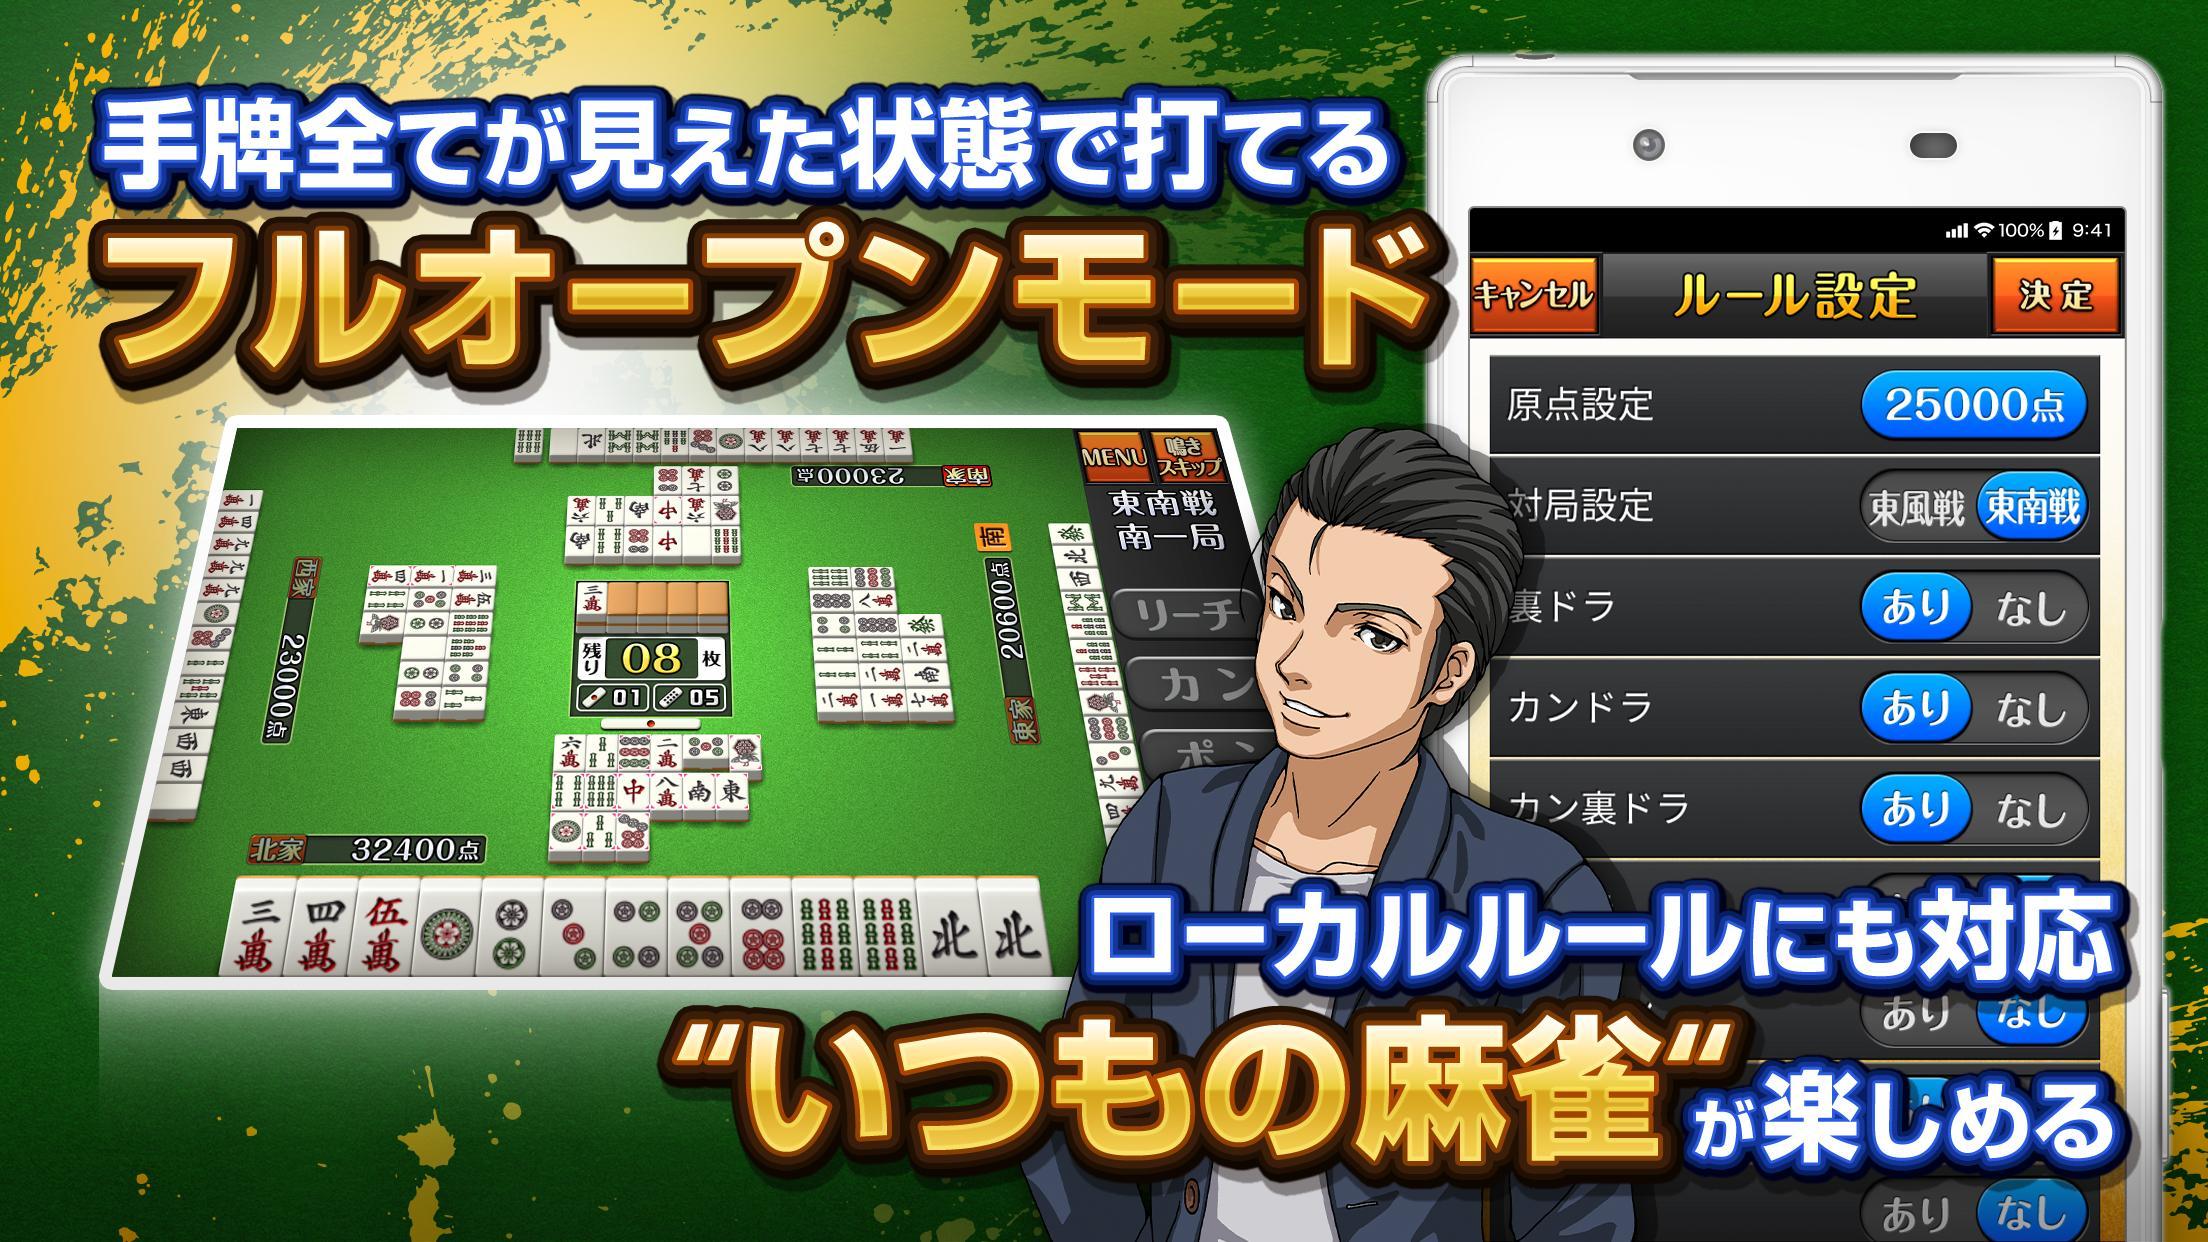 みんなの麻雀 初心者も強くなれるランキング戦が楽しい本格麻雀【無料】 1.1.12 Screenshot 4